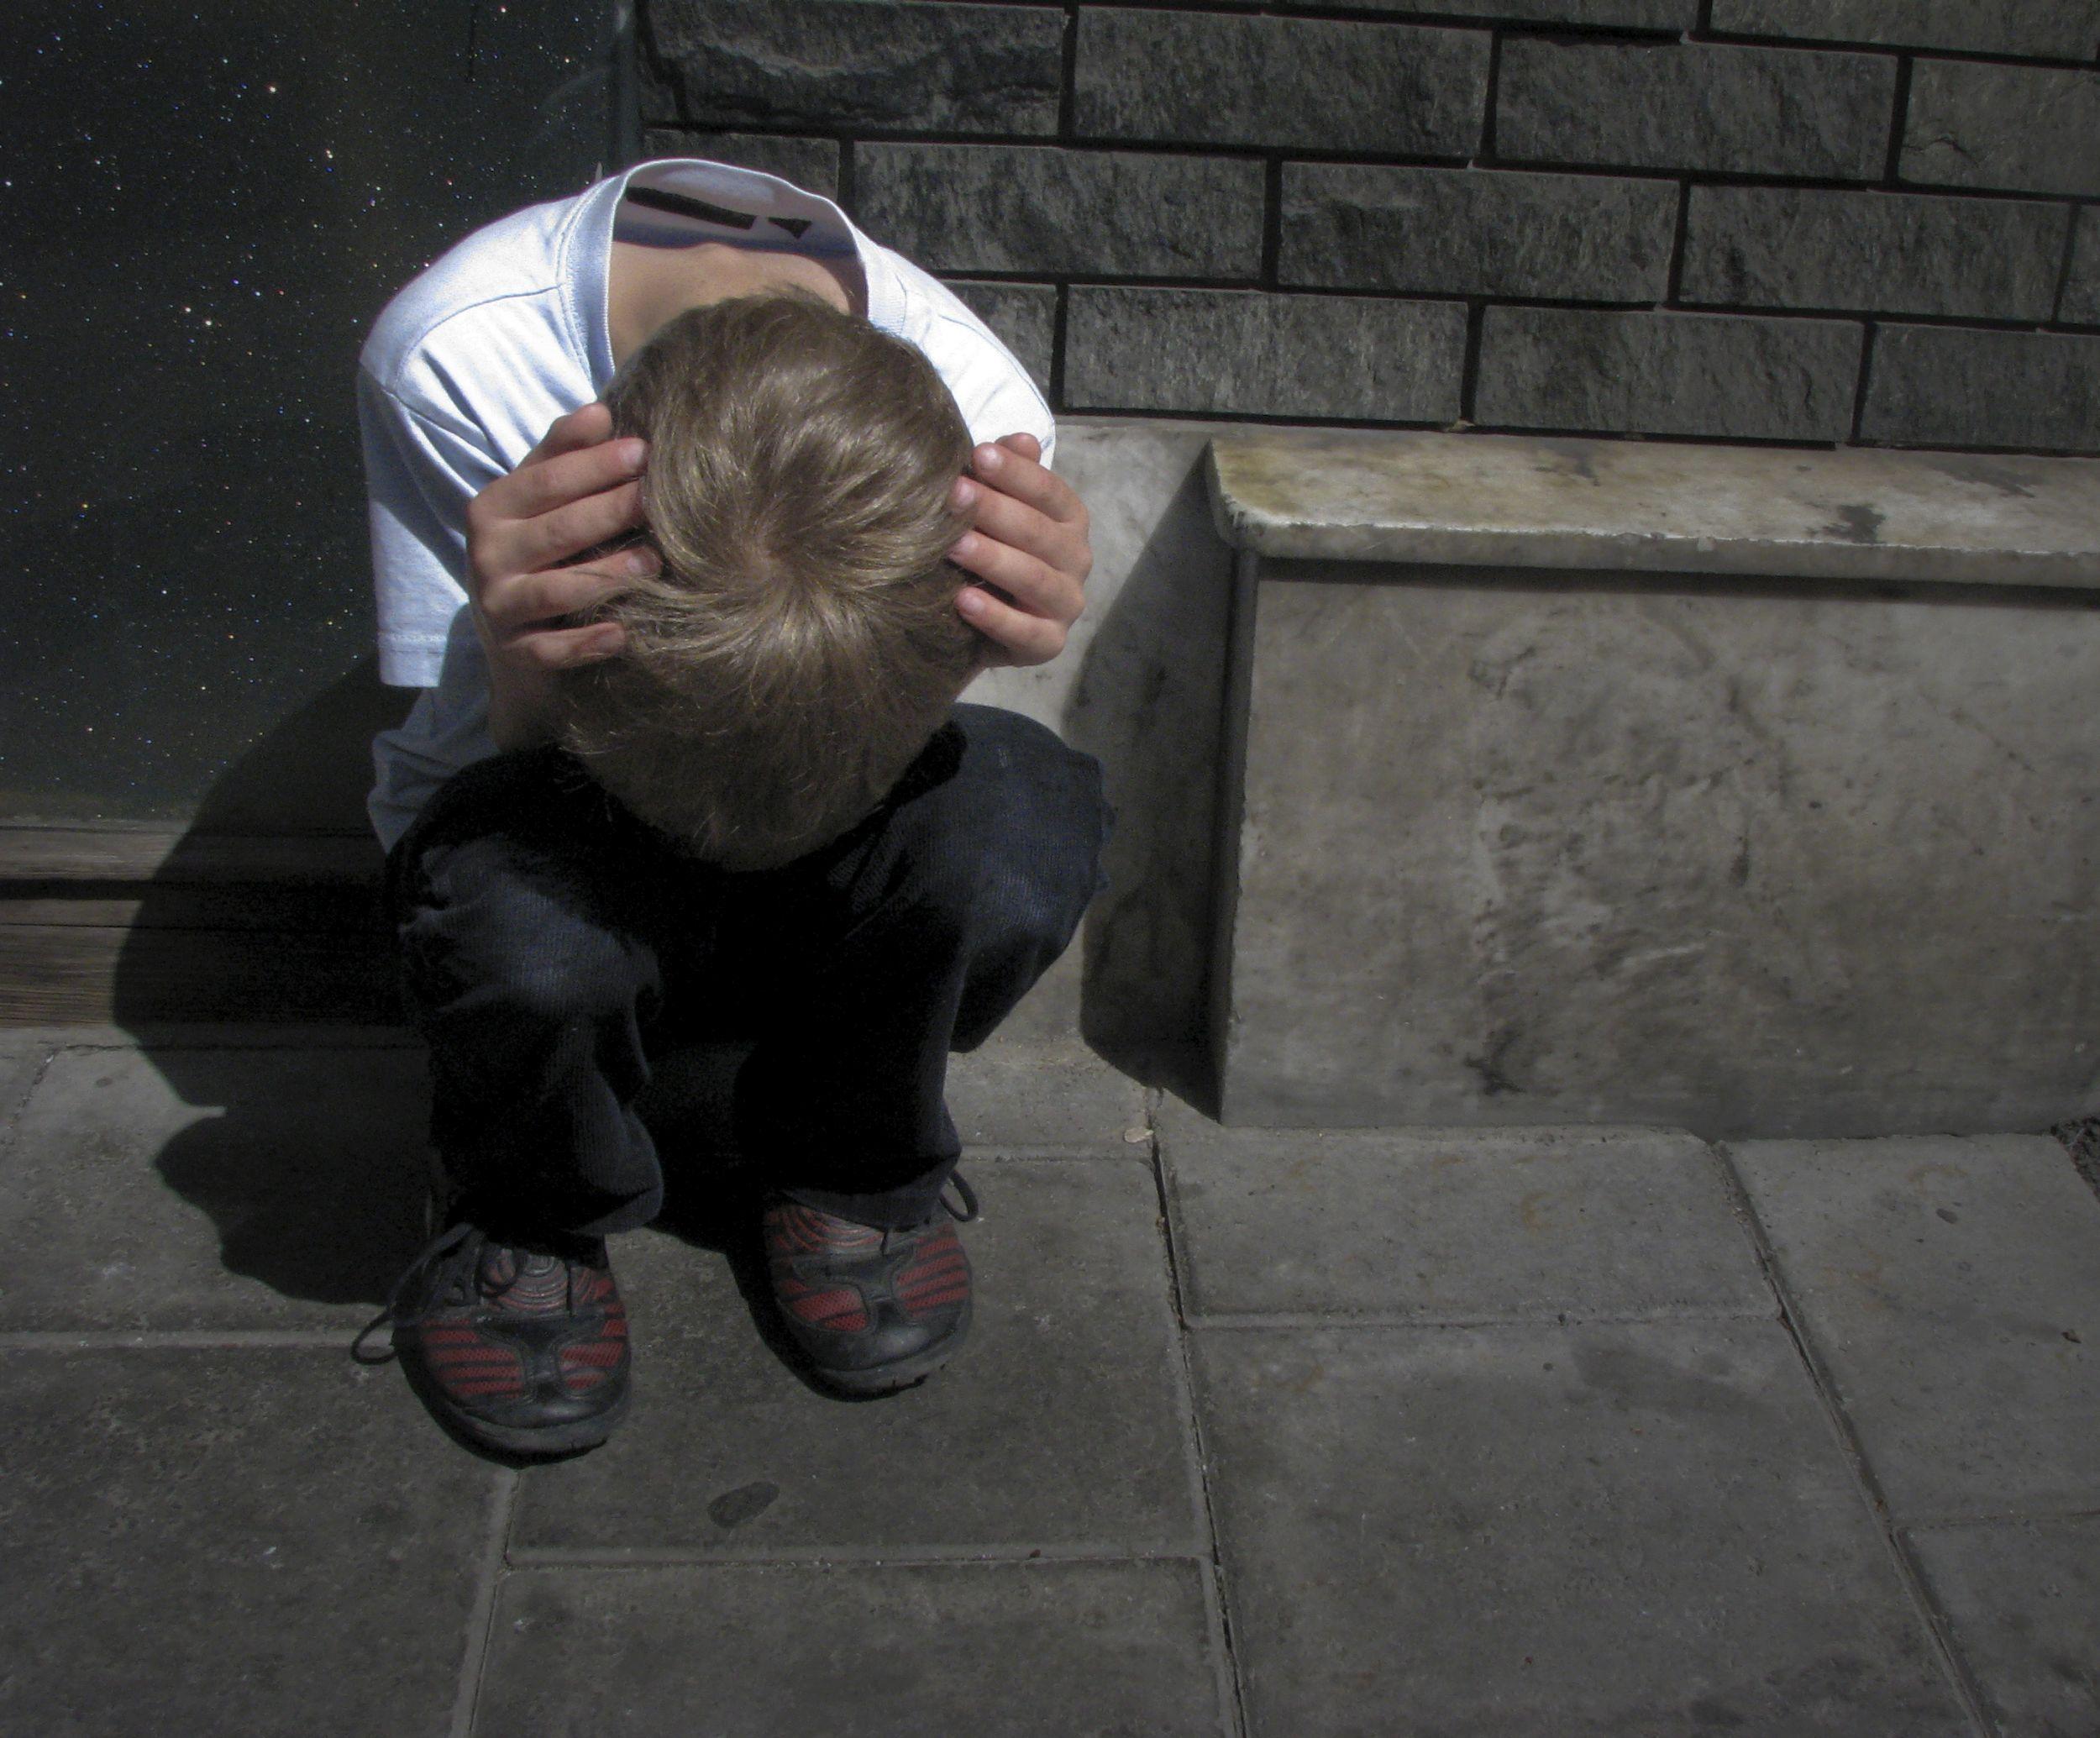 Wiele dzieci alkoholików żyje w strachu, że zostaną skatowane albo że matka będzie dręczona fizycznie lub psychicznie (fot. Tjook / http://bit.ly/1BtdO57 / CC BY / http://bit.ly/1dGcPd3)